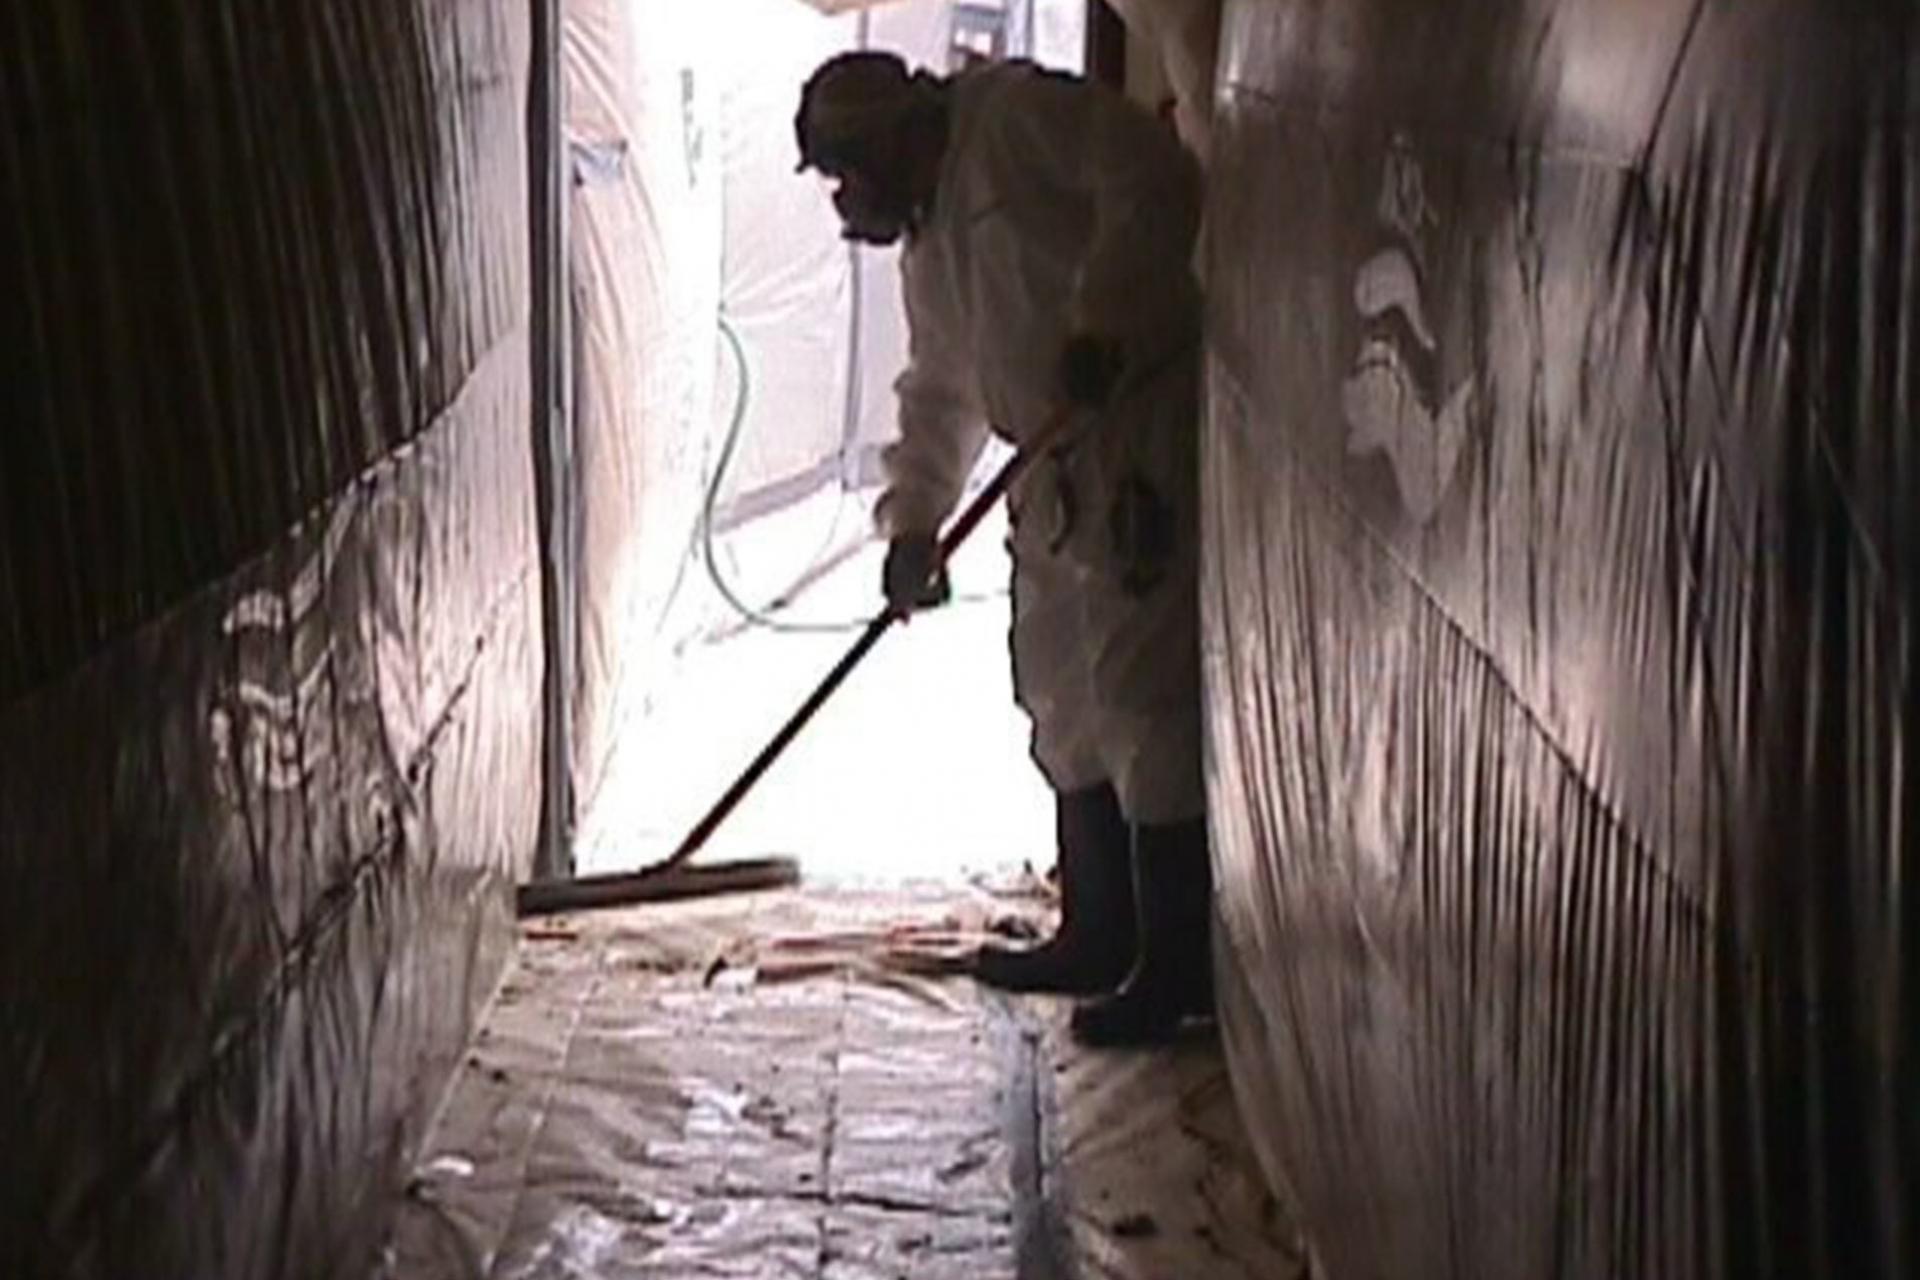 Inside asbestos tent